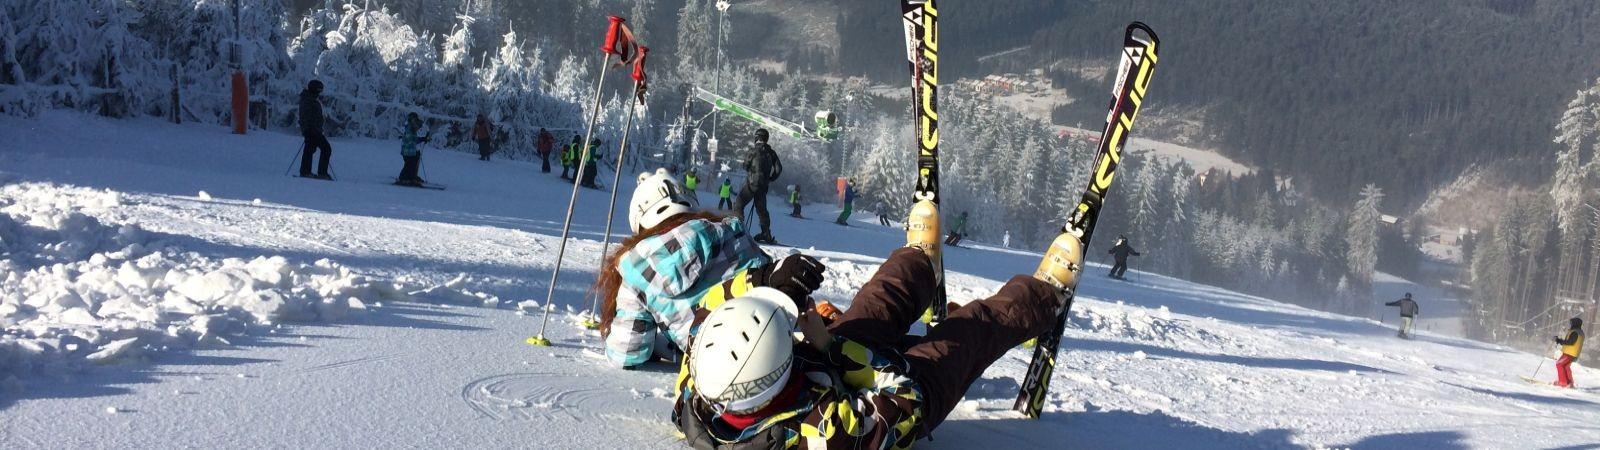 Sport/Winteraktivitäten